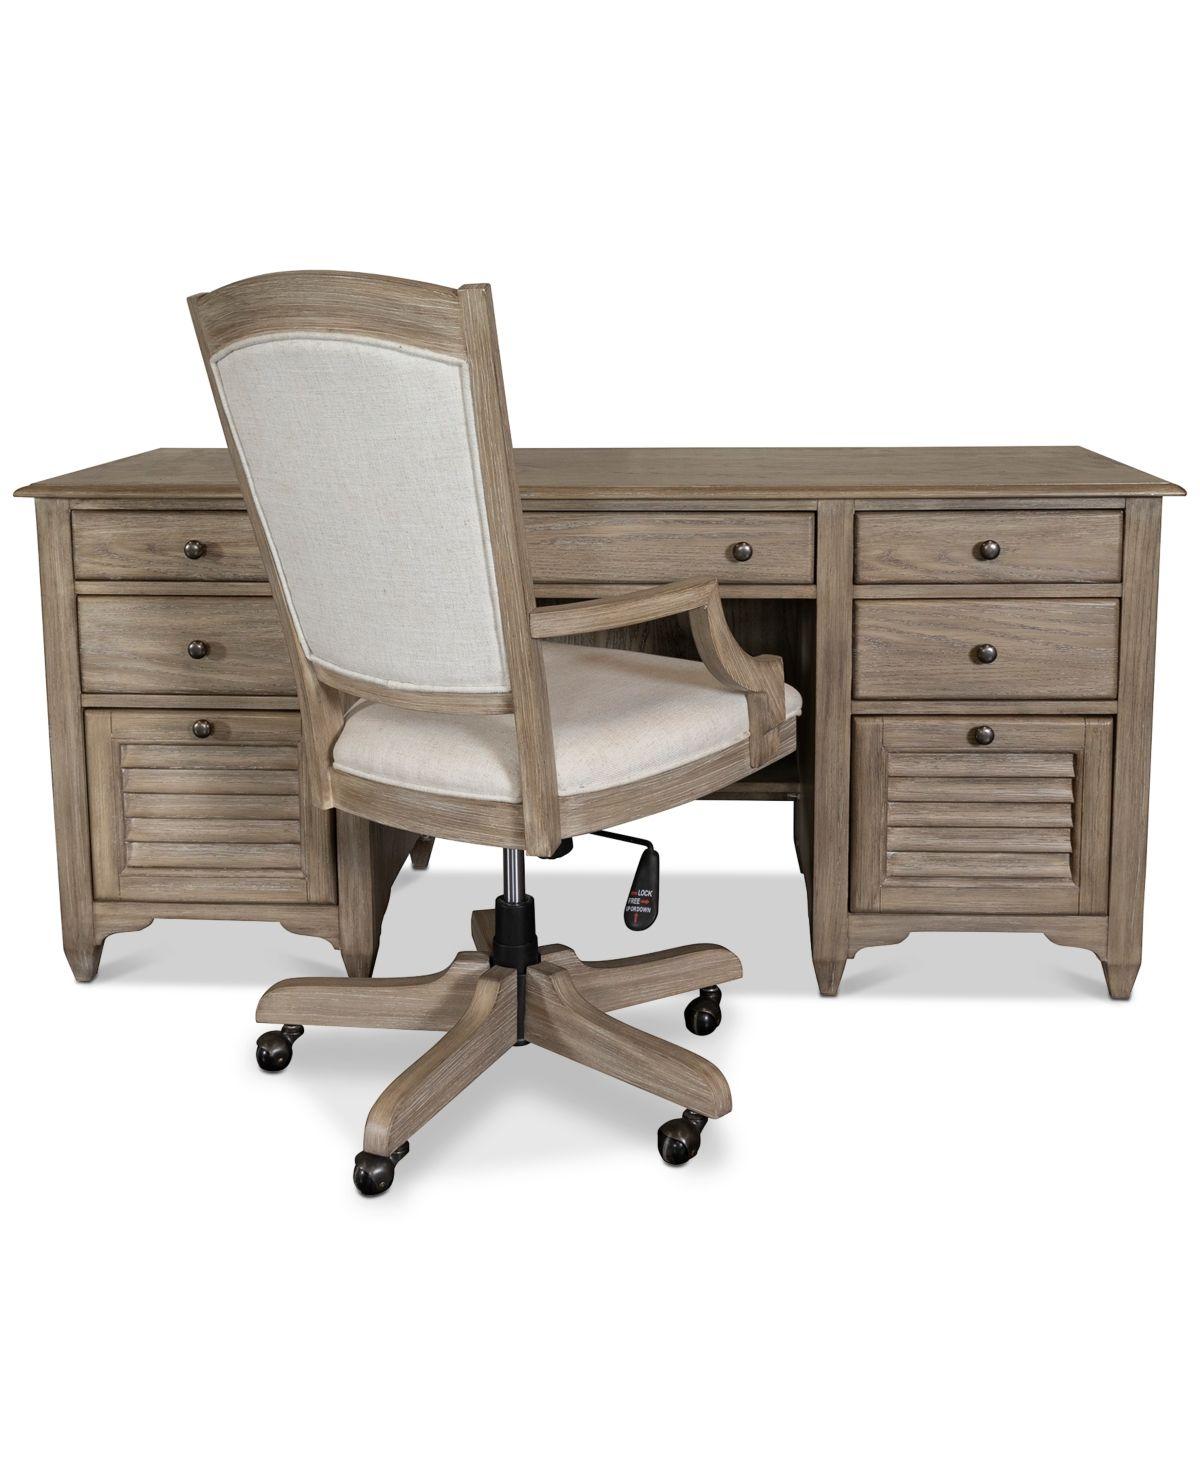 York Home Office 2 Pc Furniture Set Credenza Desk Upholstered